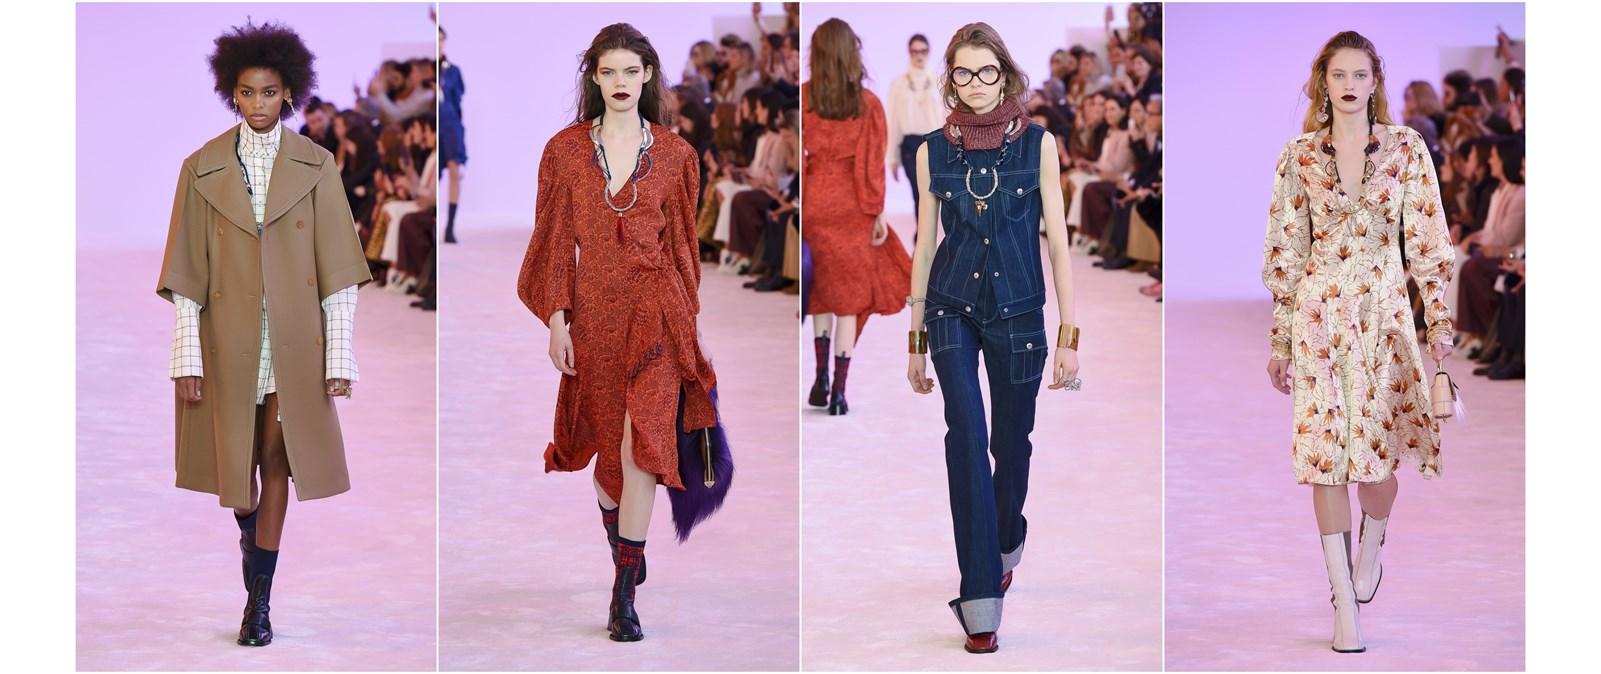 75568145100 Η πιο μποέμ συλλογή της Εβδομάδας Μόδας στο Παρίσι ήταν του οίκου Chloé